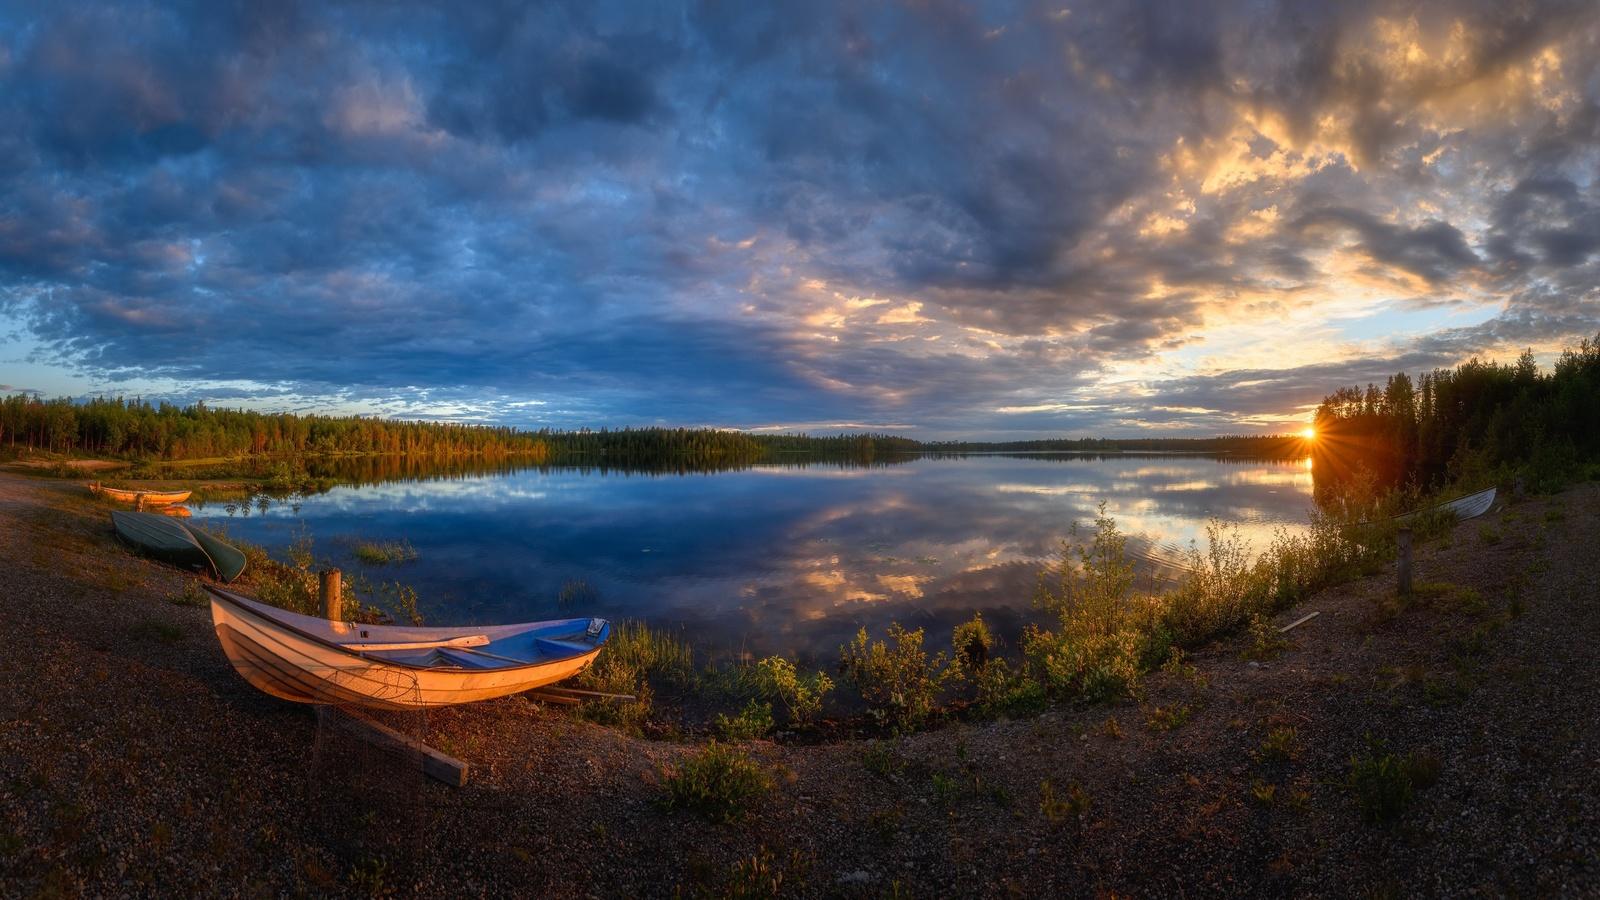 озеро, лодки, закат, облака